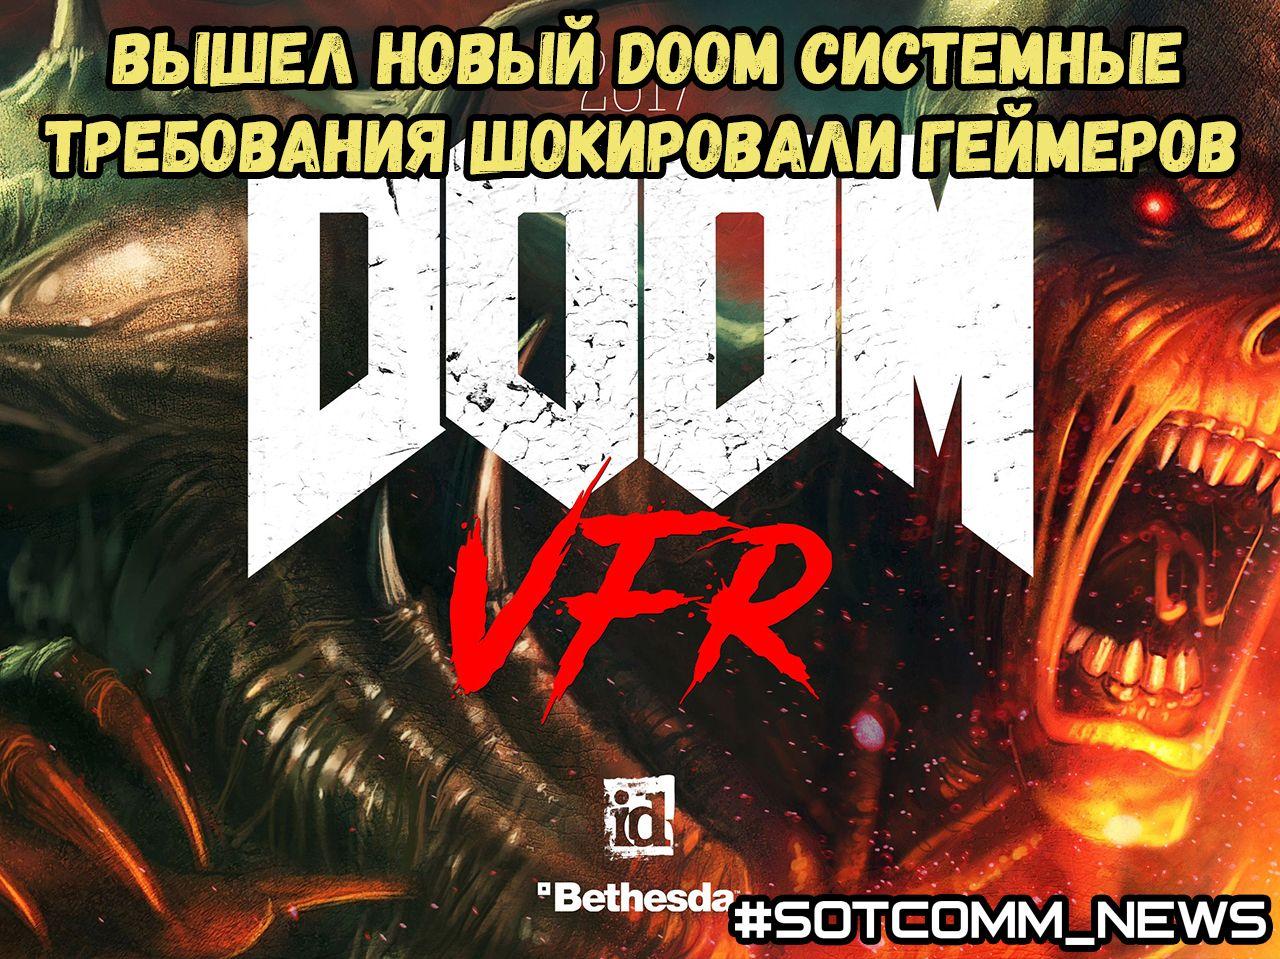 Вышел DOOM VFR системные требования шокировали геймеров